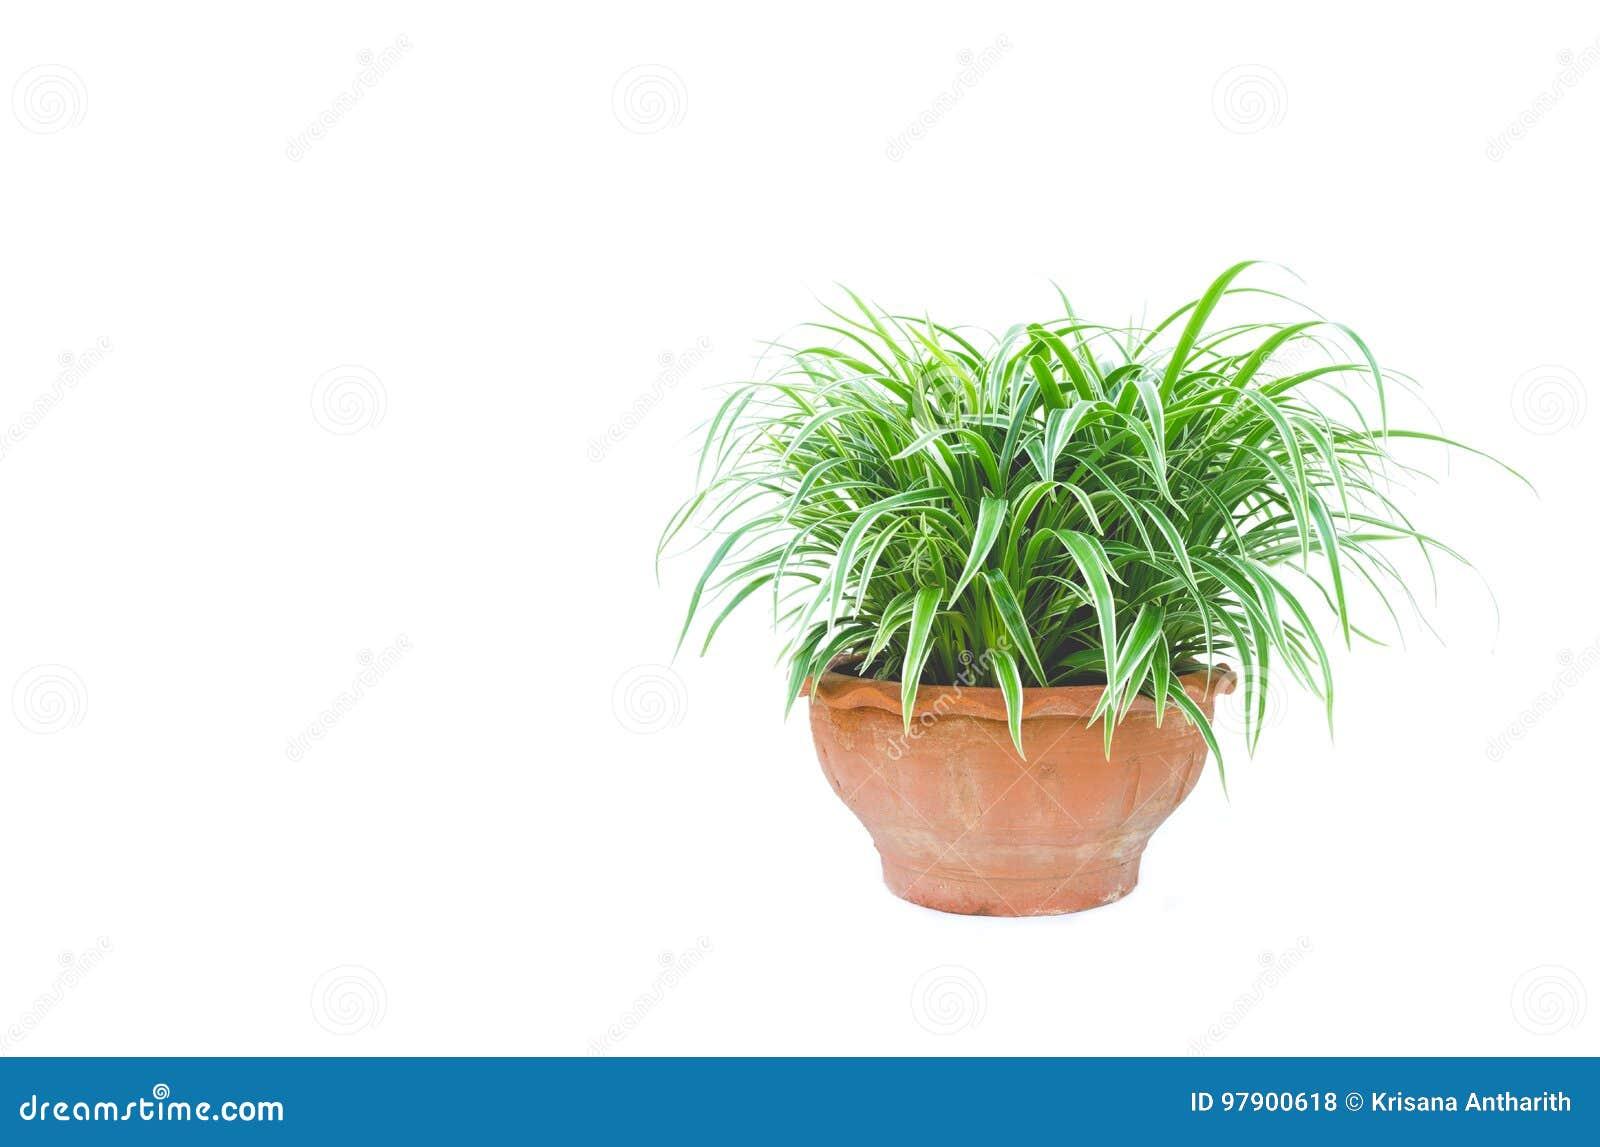 Grüne Topfpflanze, Bäume im Topf lokalisiert auf Weiß